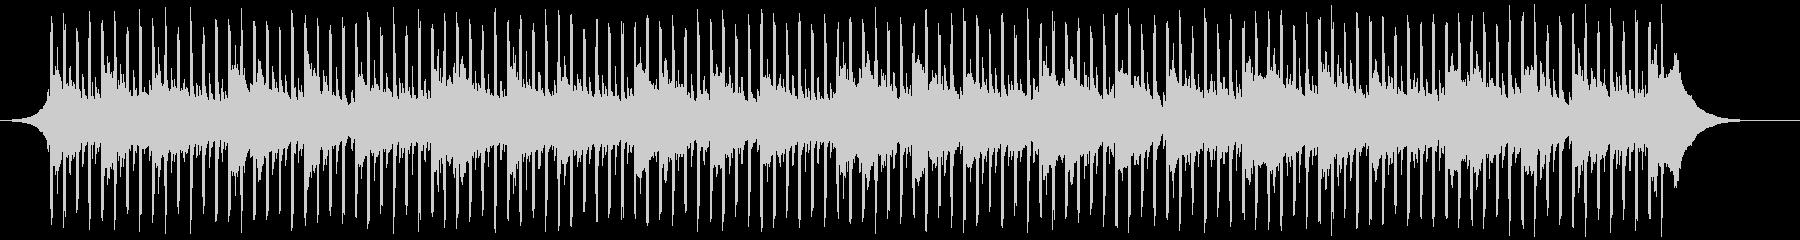 インフォグラフィック(60秒)の未再生の波形